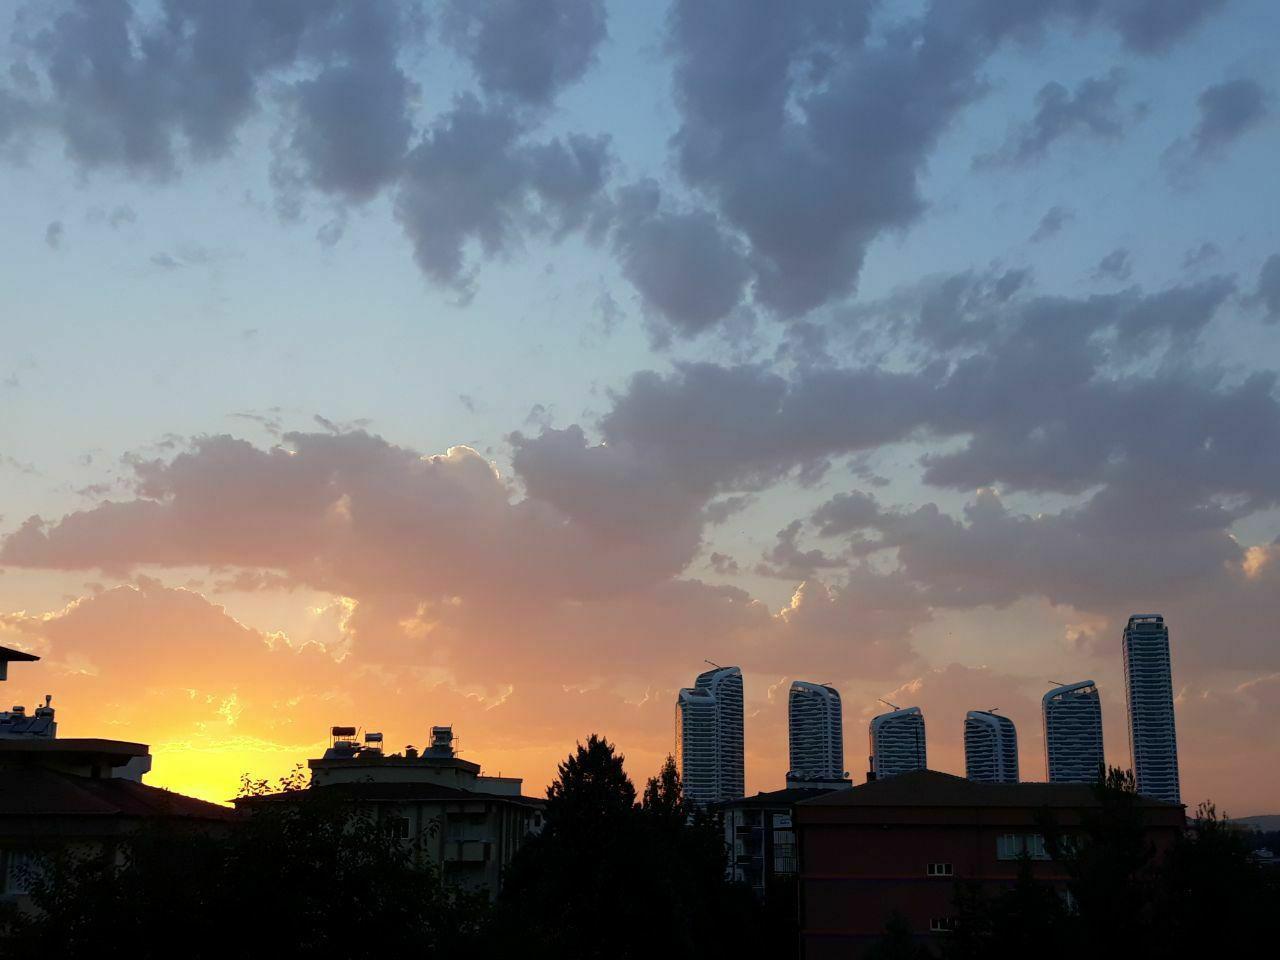 غروب زیبا در شهر غازی آنتپ ترکیه